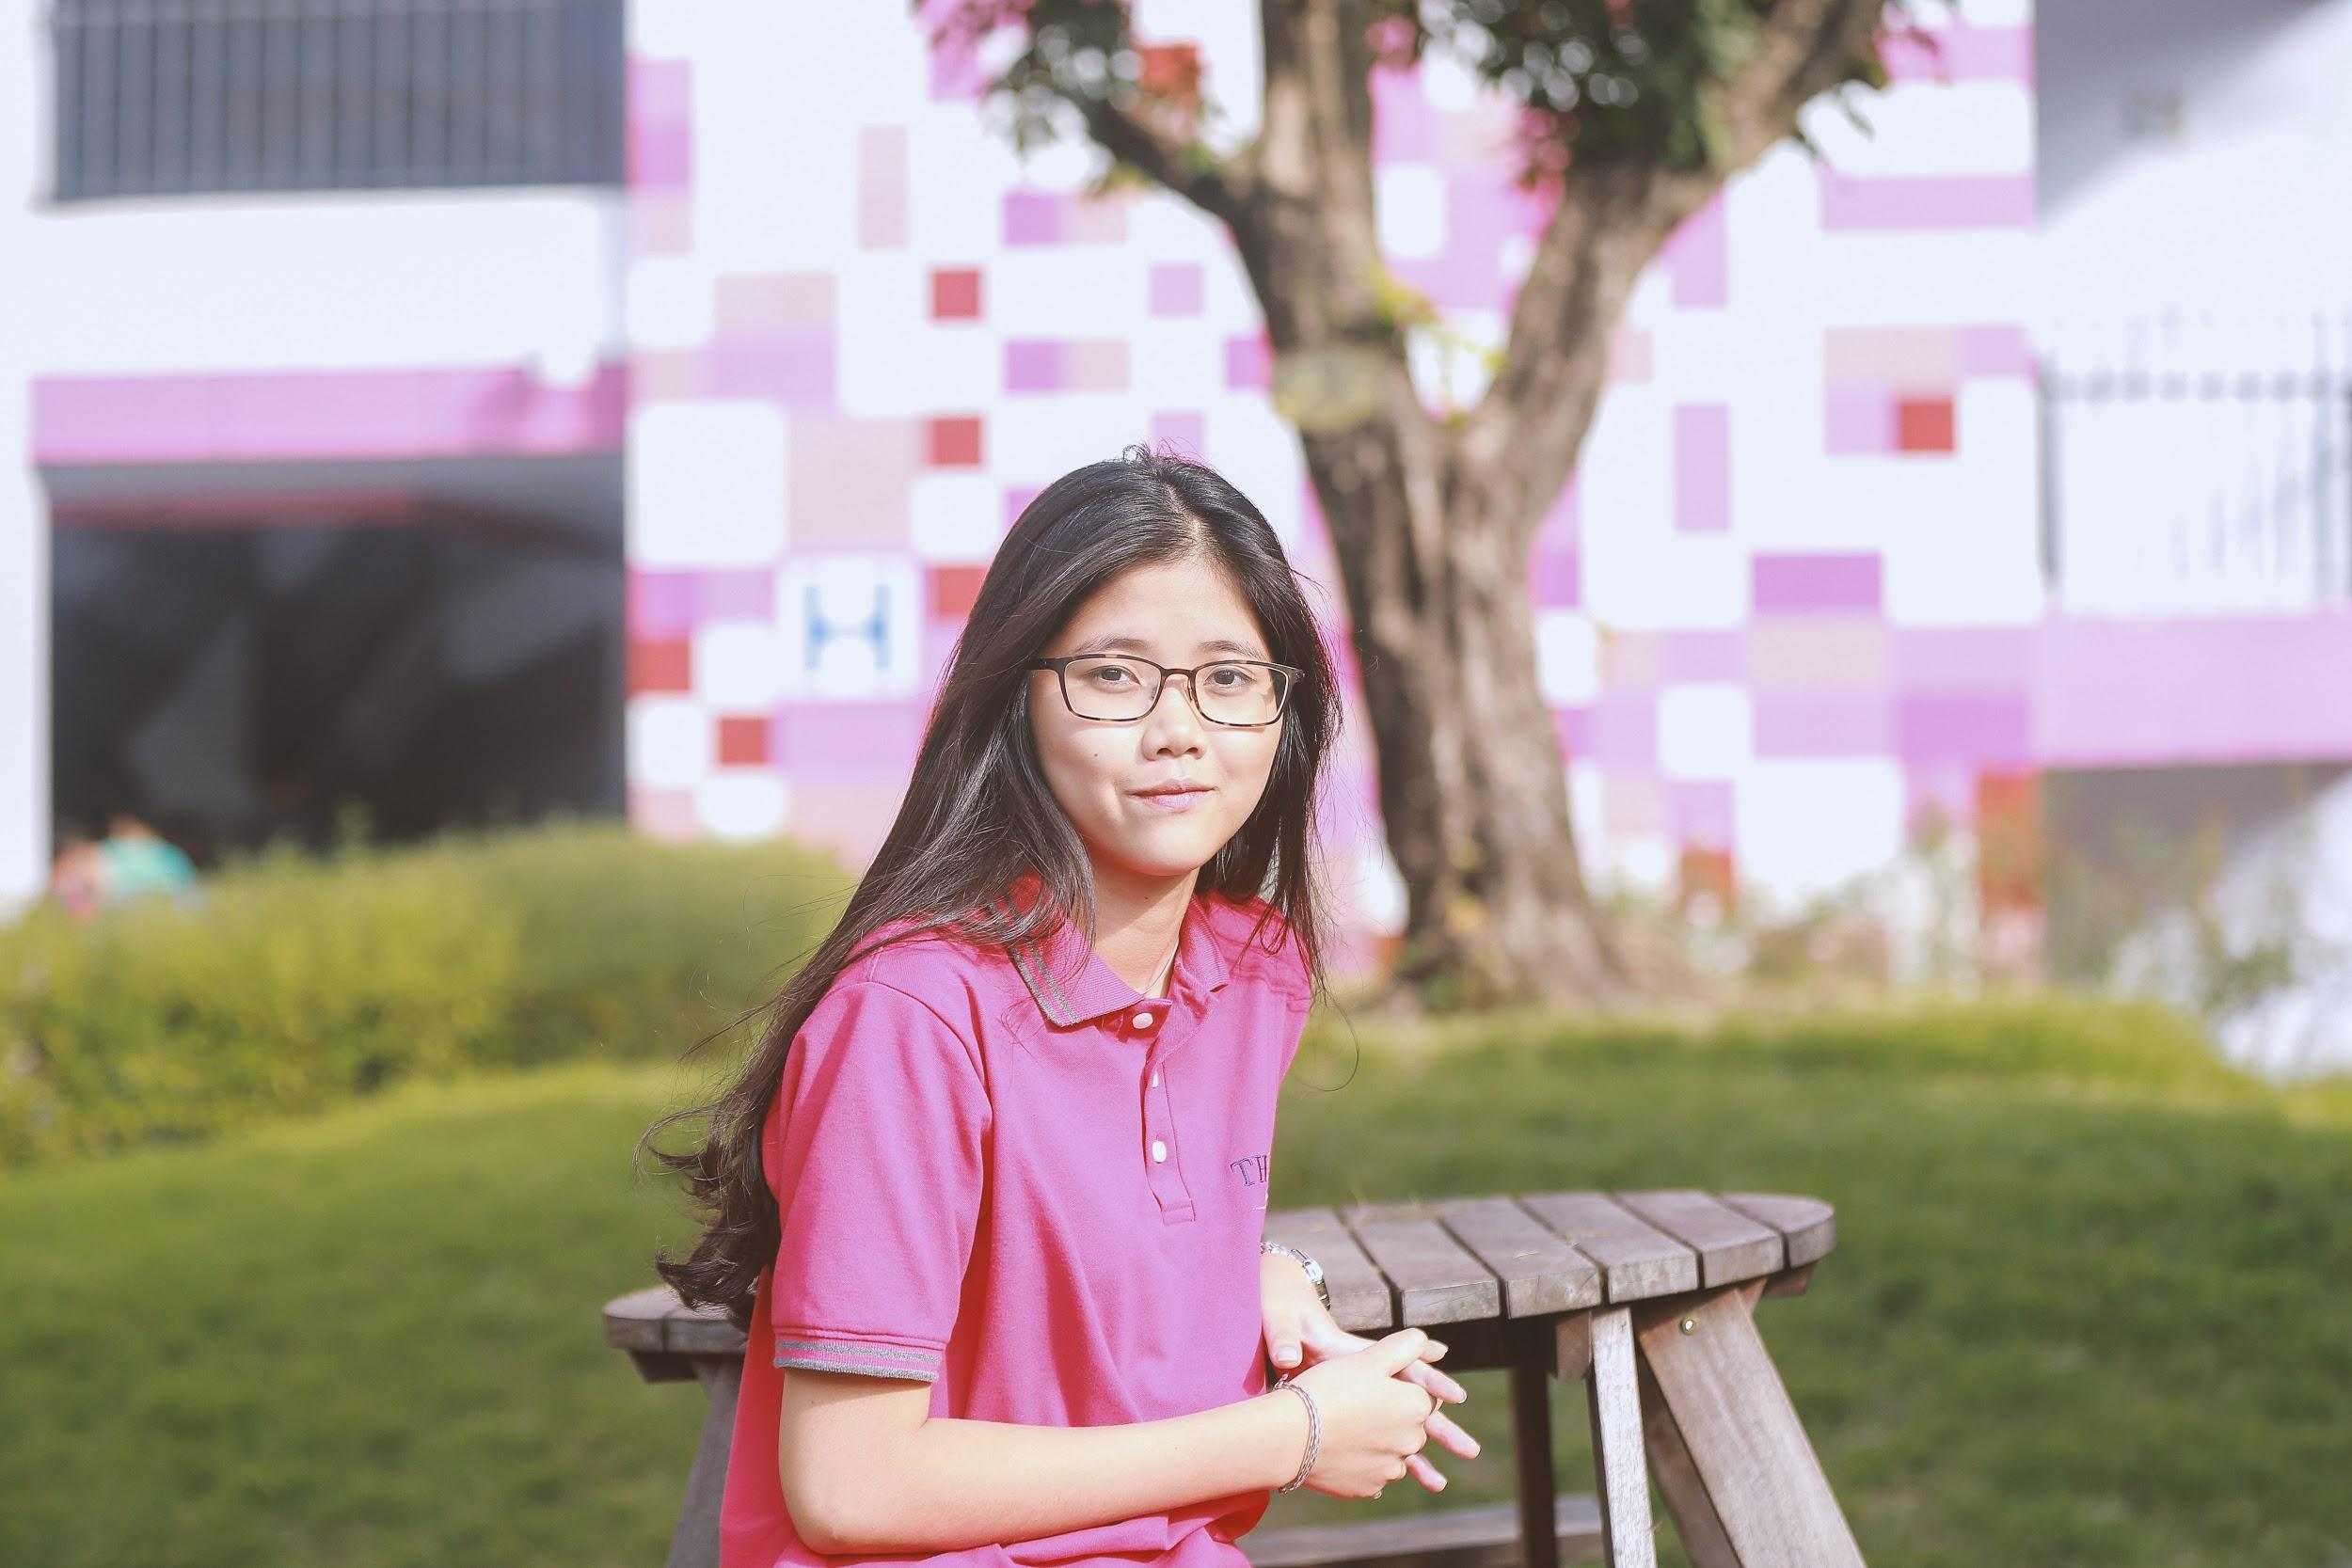 Những ước mơ được viết ở TH School: Khi trường học là một ngôi nhà lớn hạnh phúc - Ảnh 4.